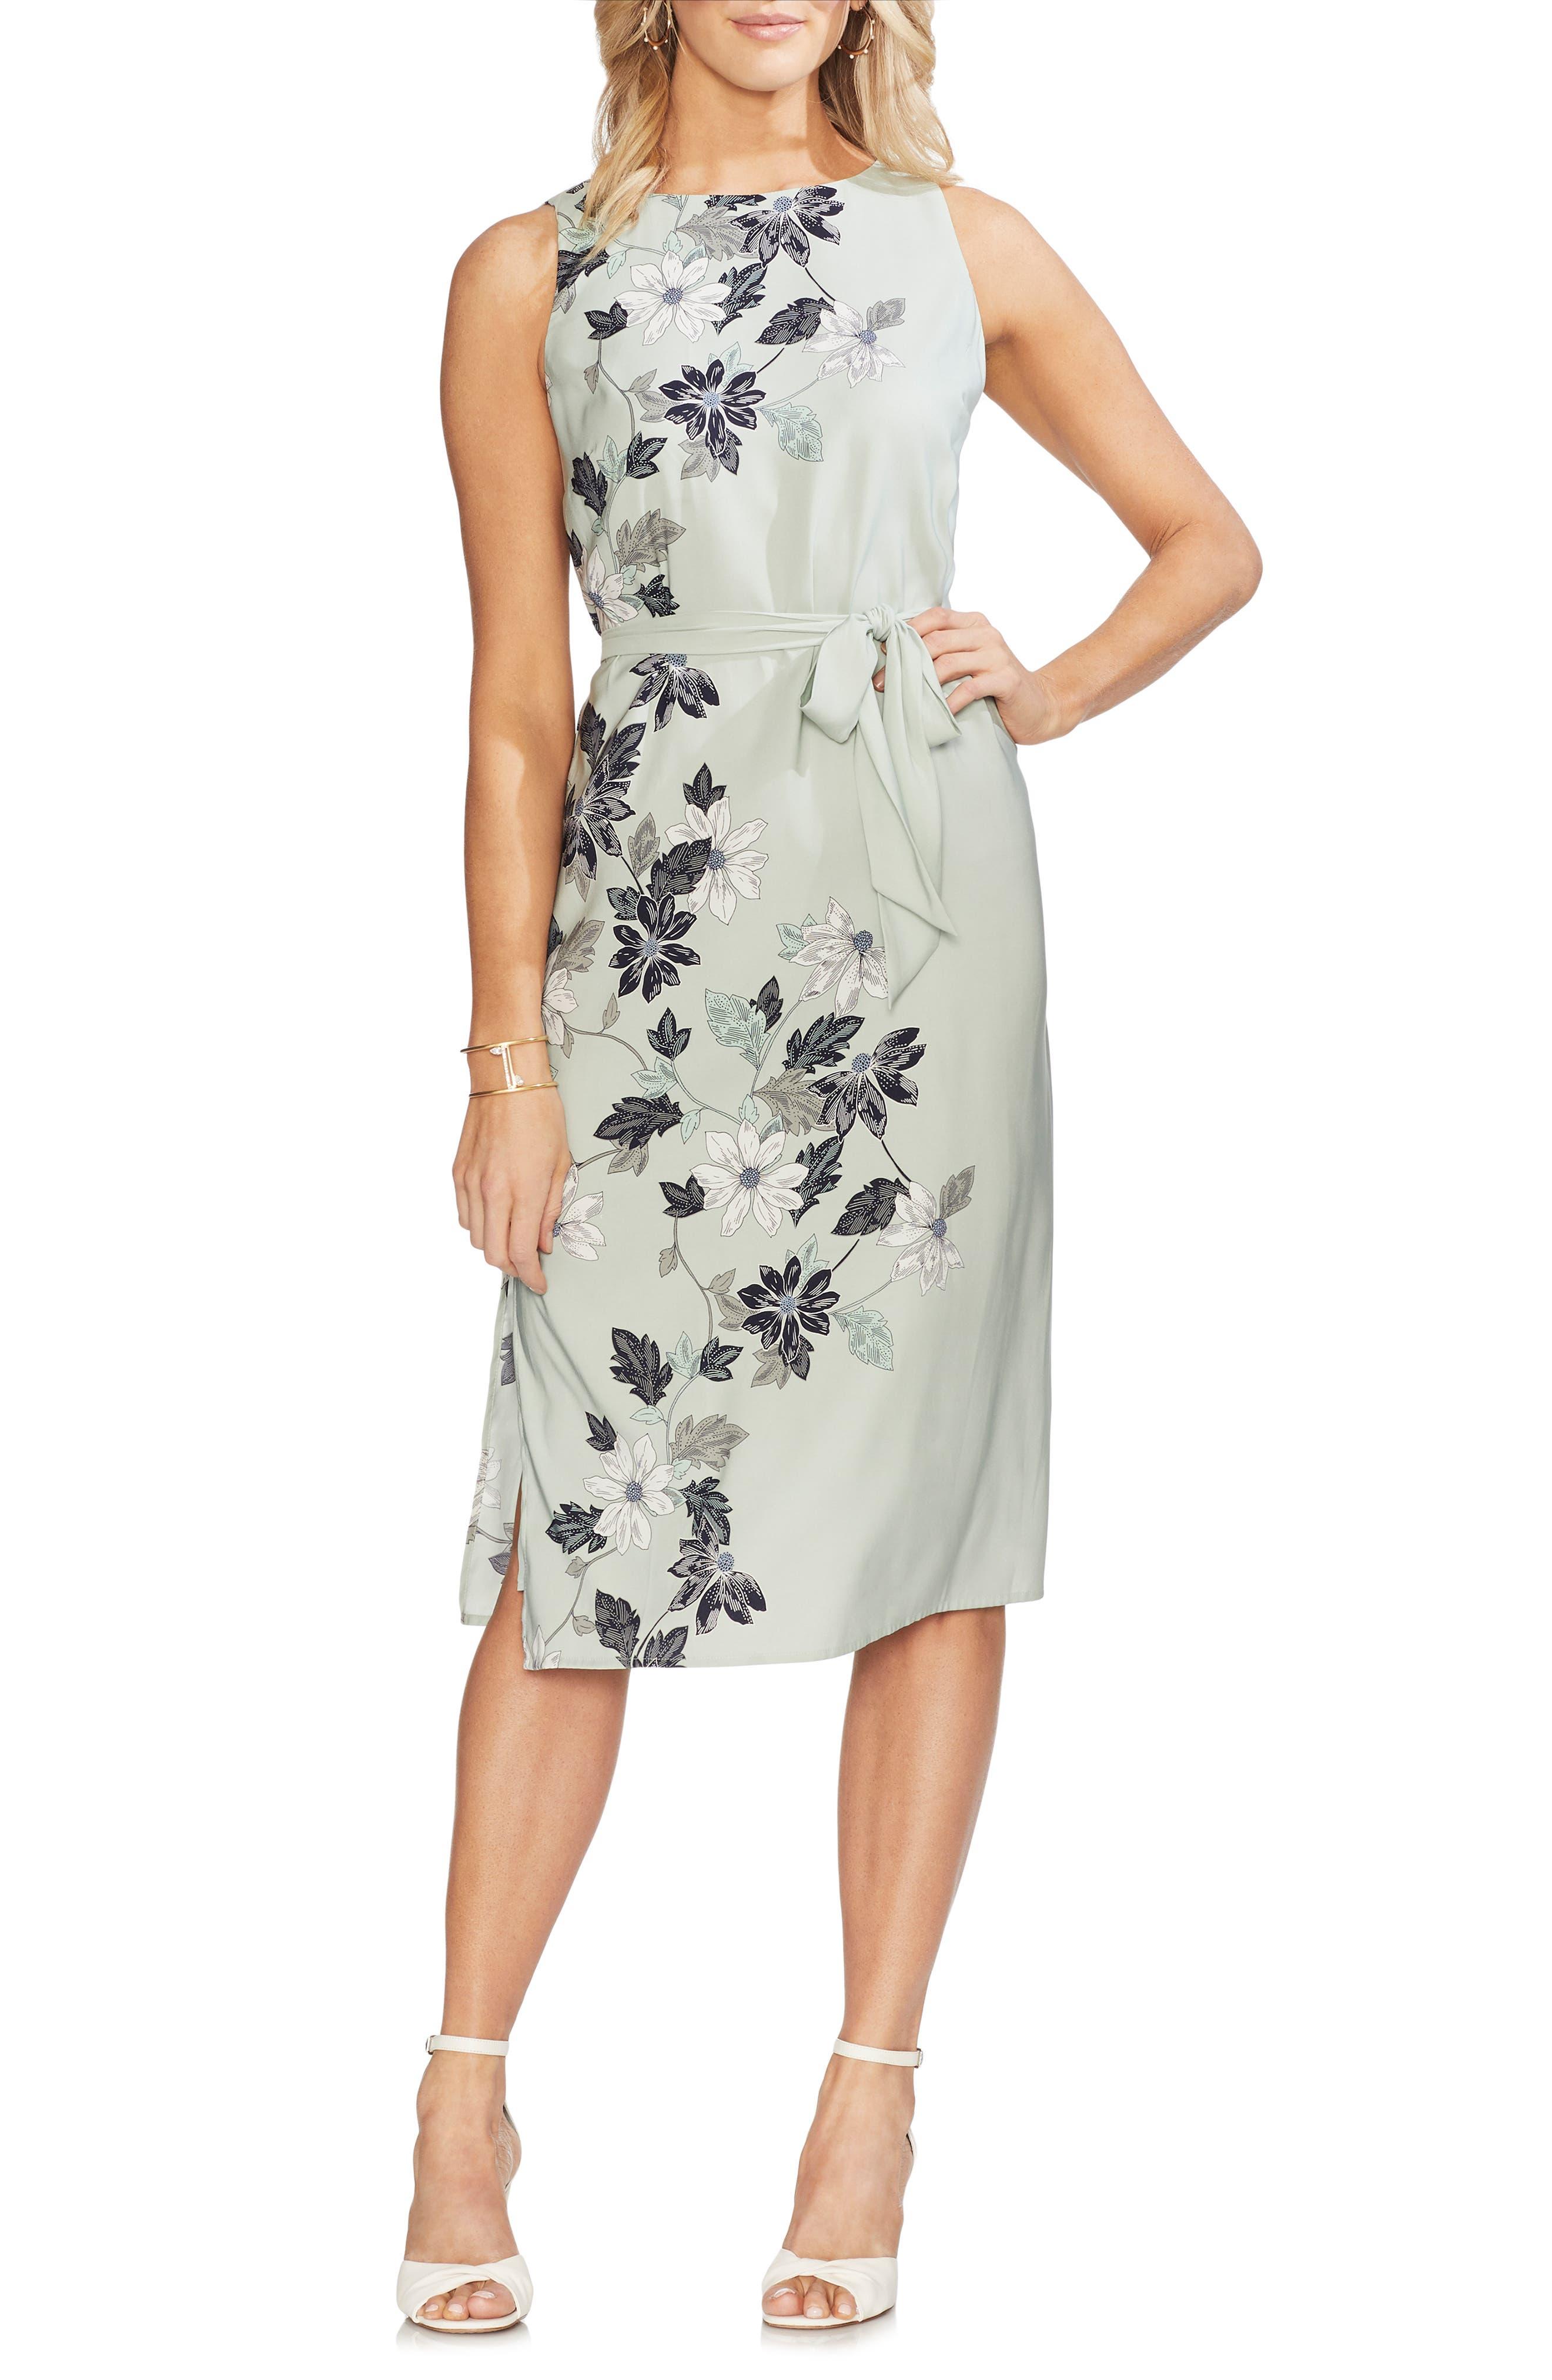 VINCE CAMUTO, Floral Vines Dress, Main thumbnail 1, color, 309